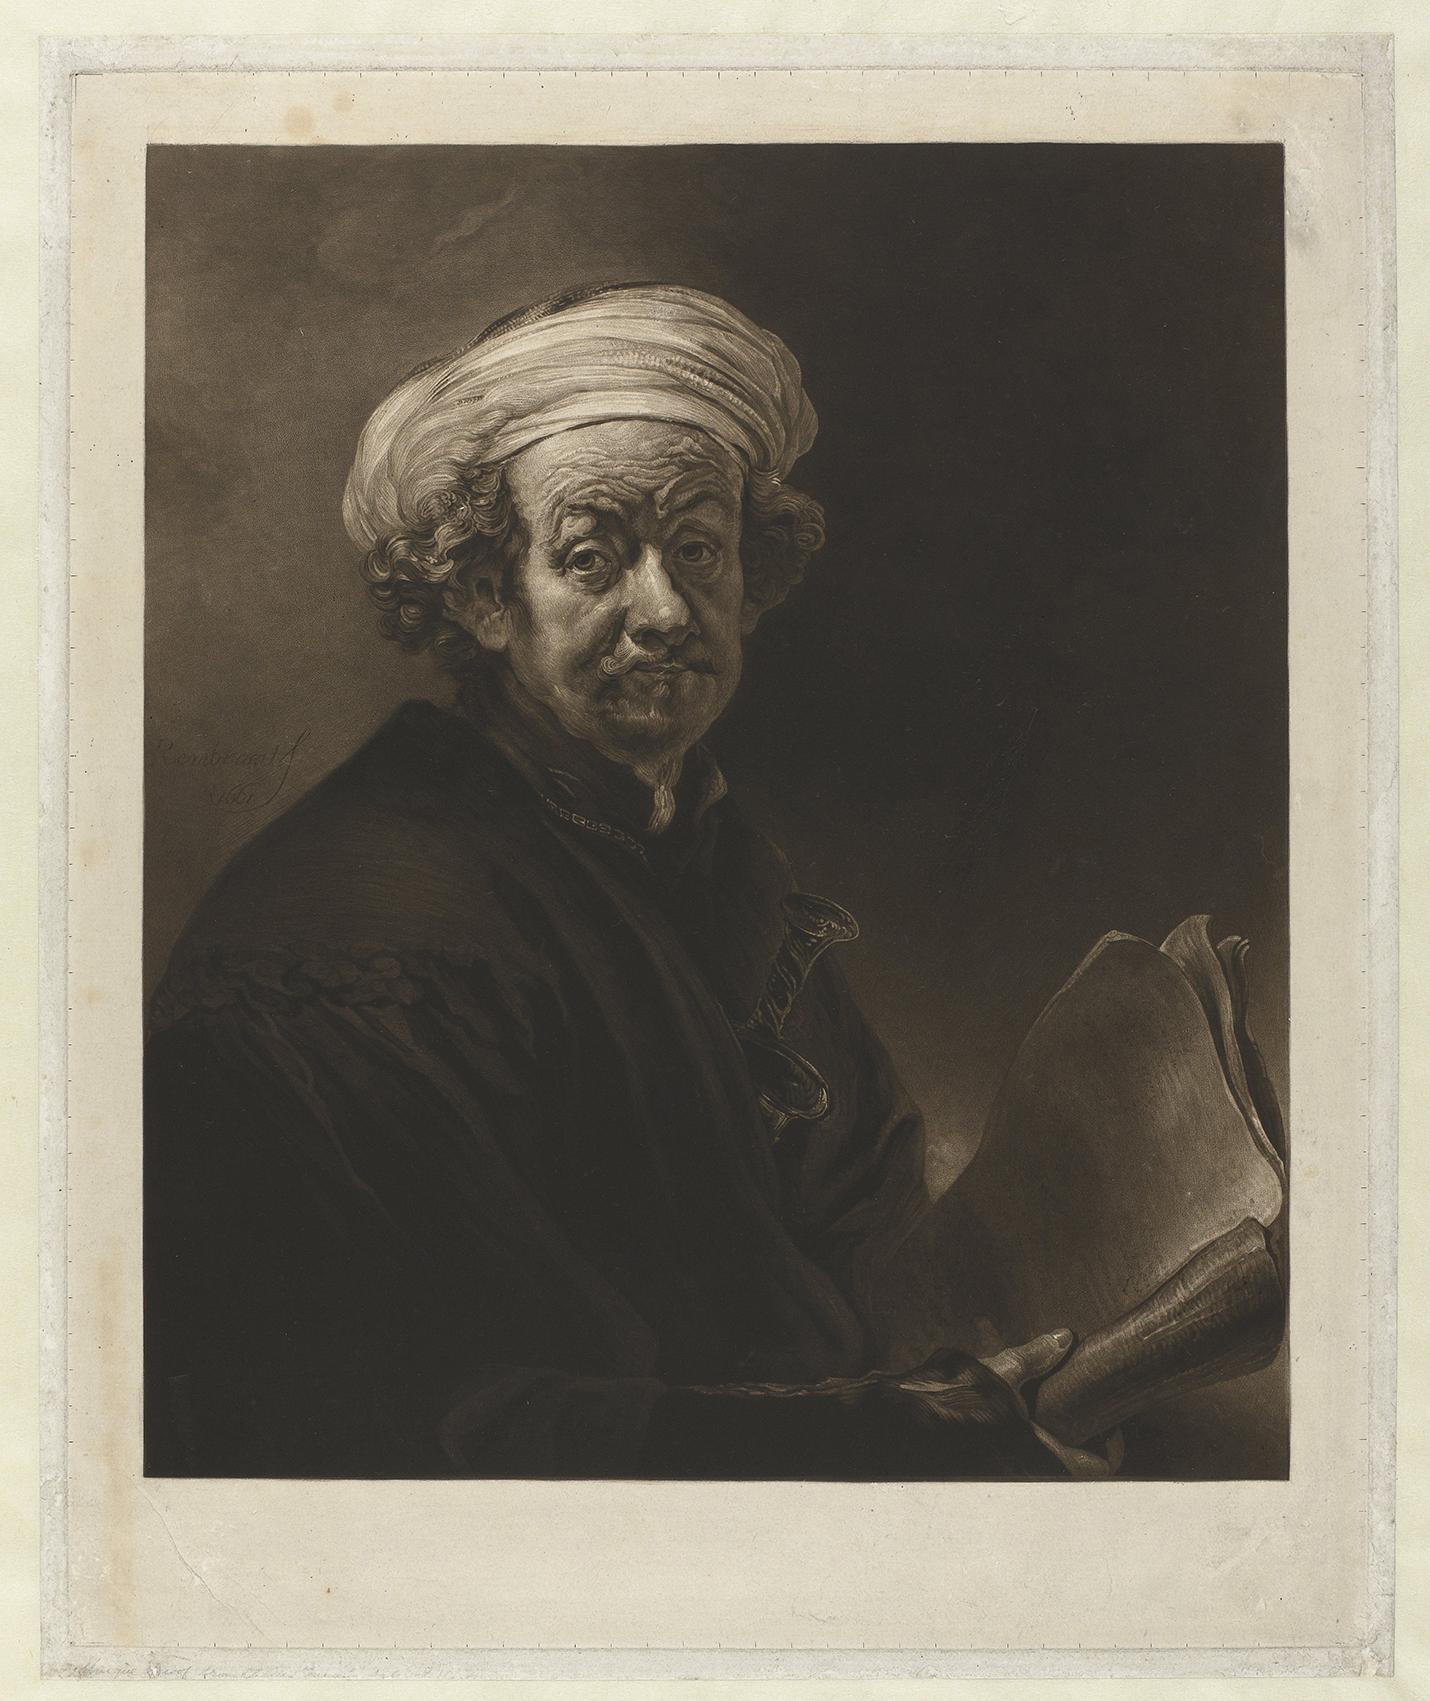 Turner – Autoritratto di Rembrandt come san Paolo